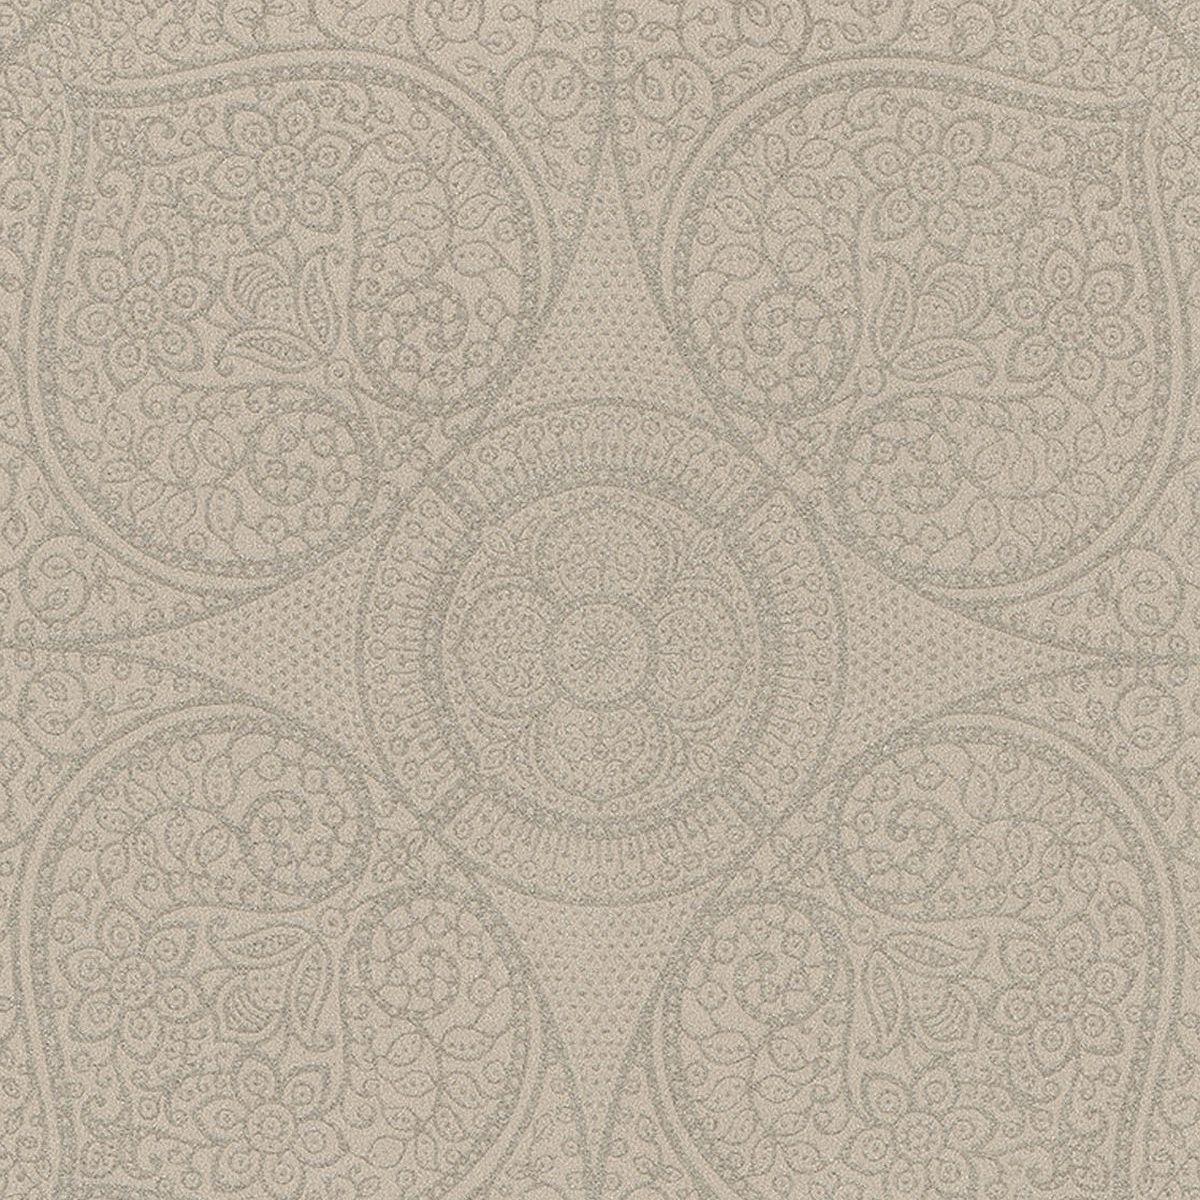 hochwertige tapeten und stoffe vliestapete eijffinger yasmin 341758 decowunder. Black Bedroom Furniture Sets. Home Design Ideas